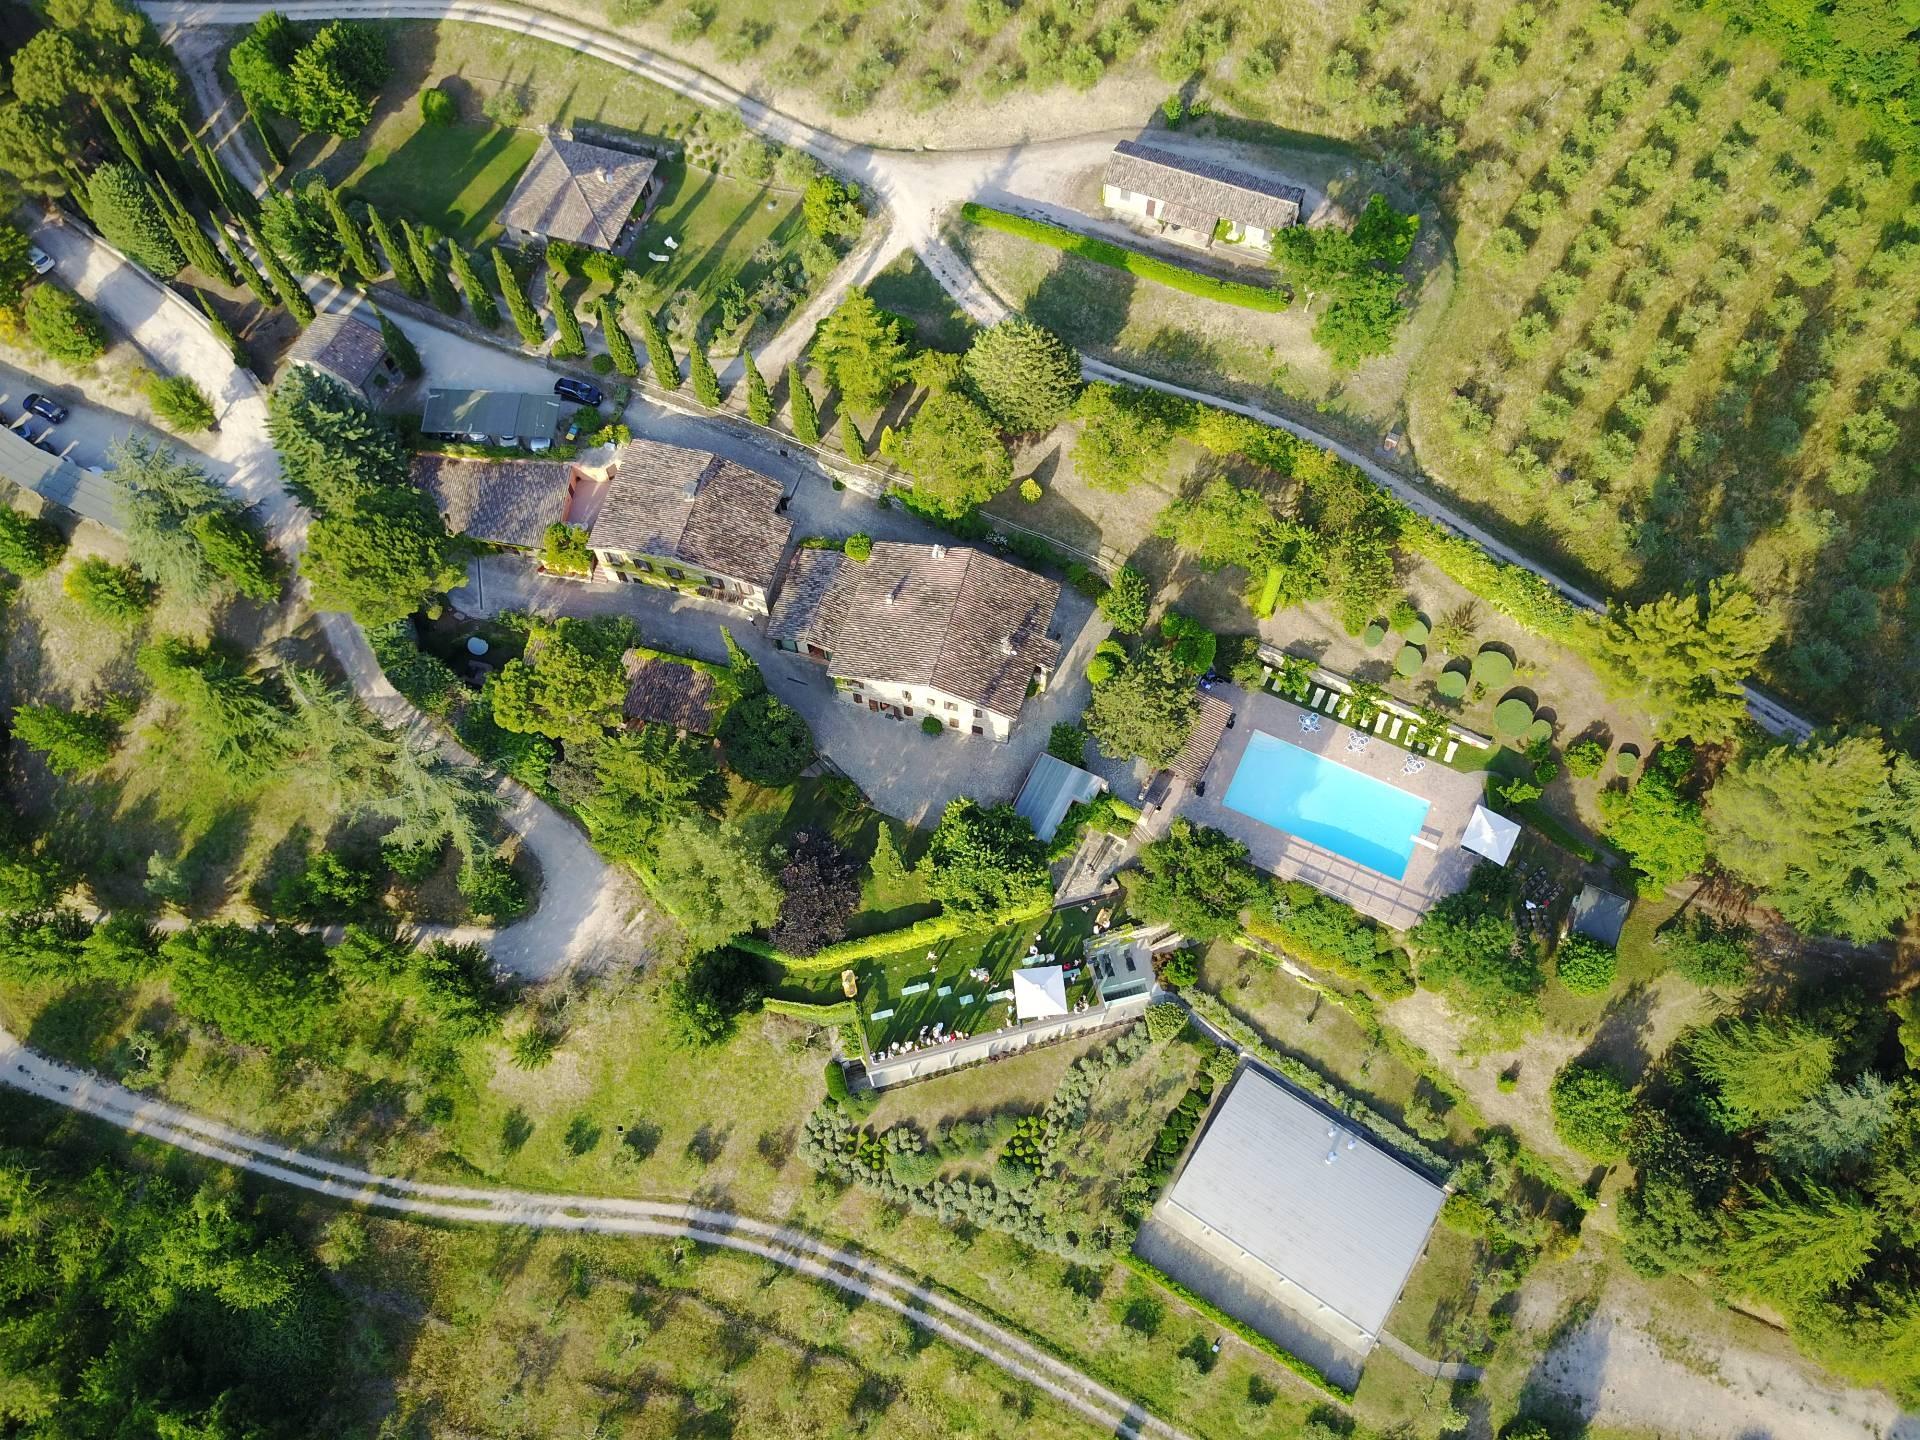 Rustico / Casale in vendita a Monte Castello di Vibio, 7 locali, zona Zona: Doglio, prezzo € 2.900.000 | CambioCasa.it